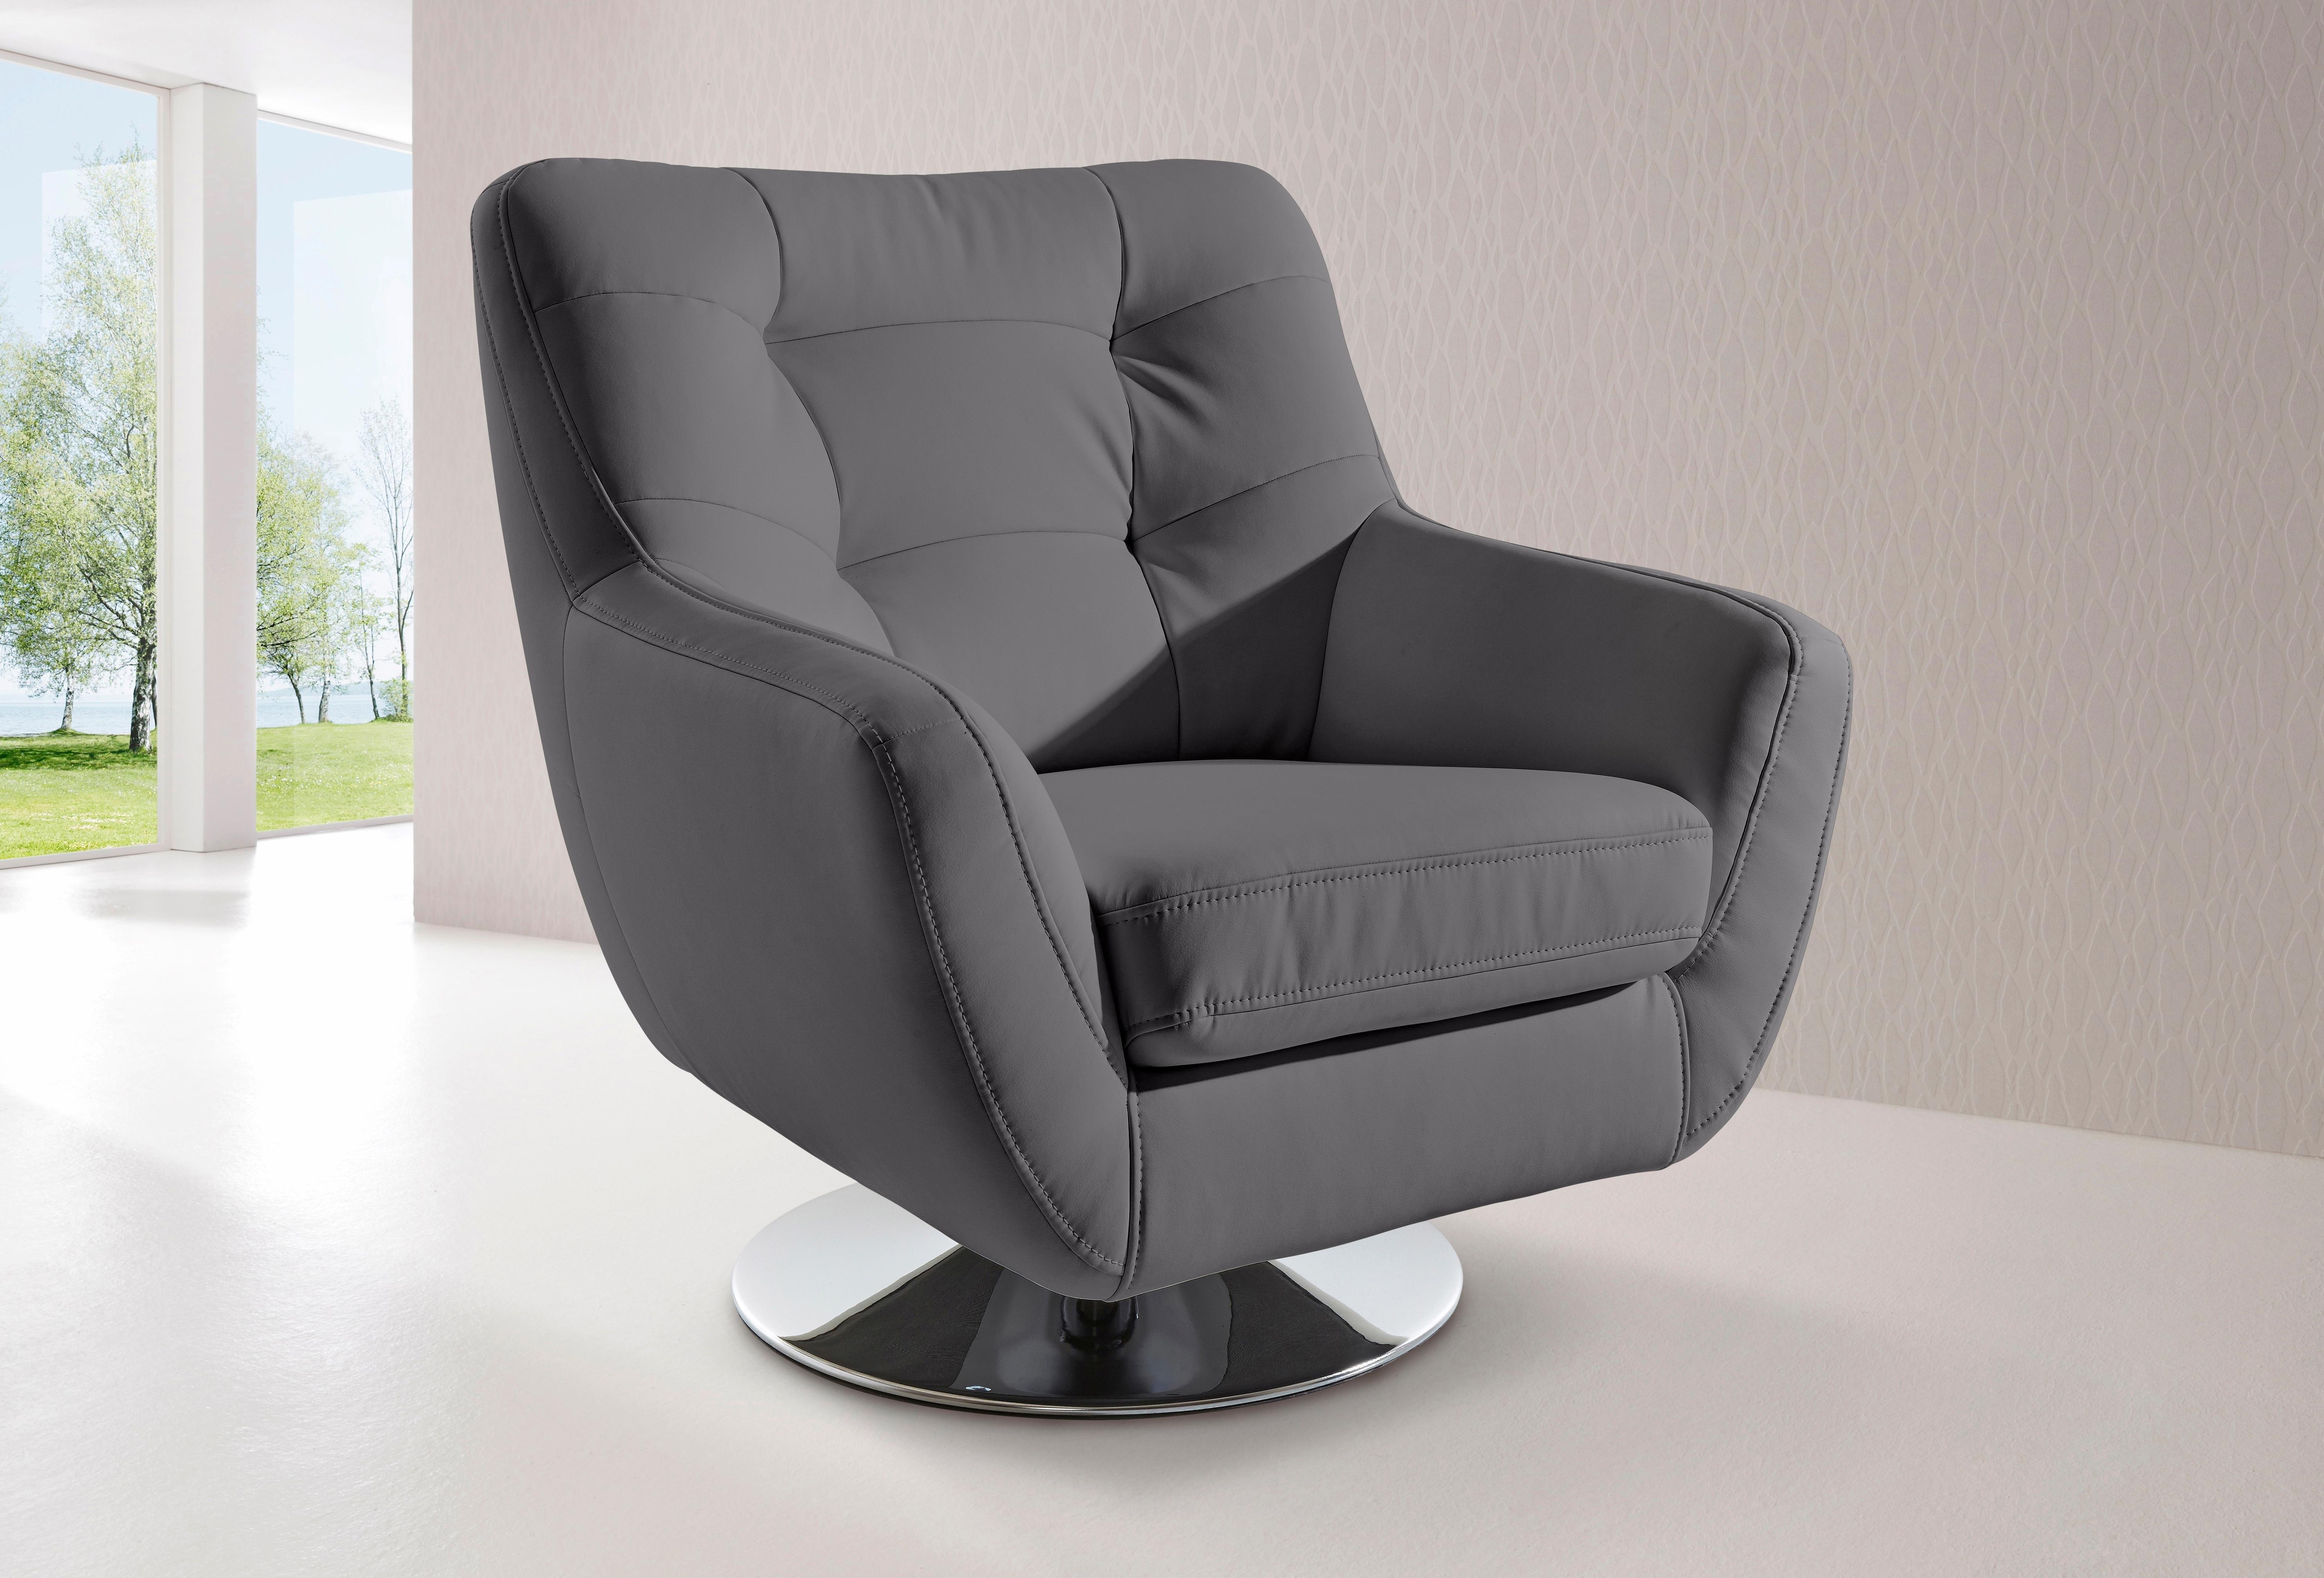 INOSIGN fauteuil met draaivoet veilig op otto.nl kopen